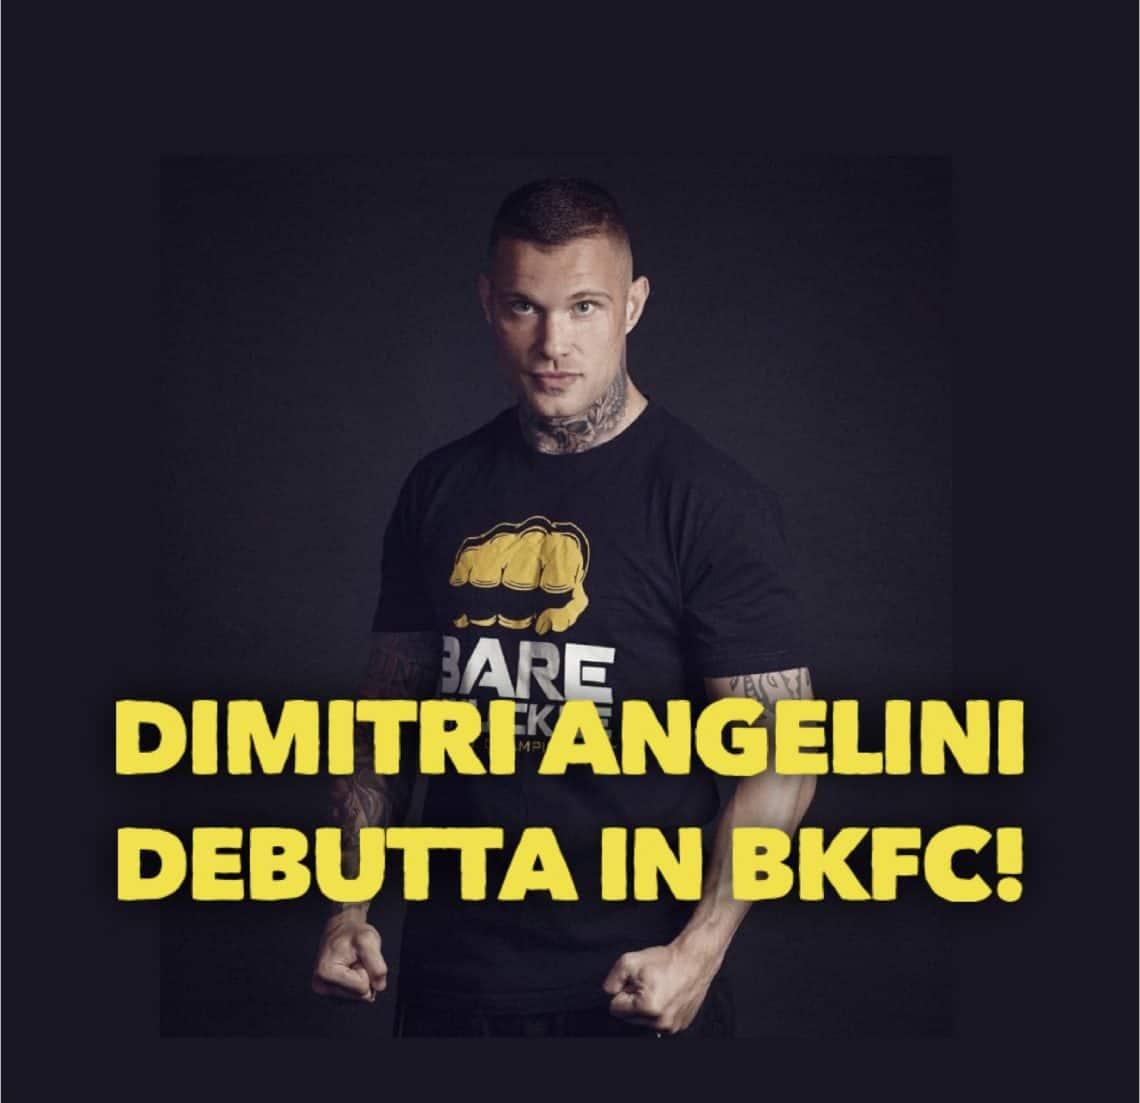 Bare Knuckle Boxing: l'italiano Dimitri Angelini debutta in BKFC! 1